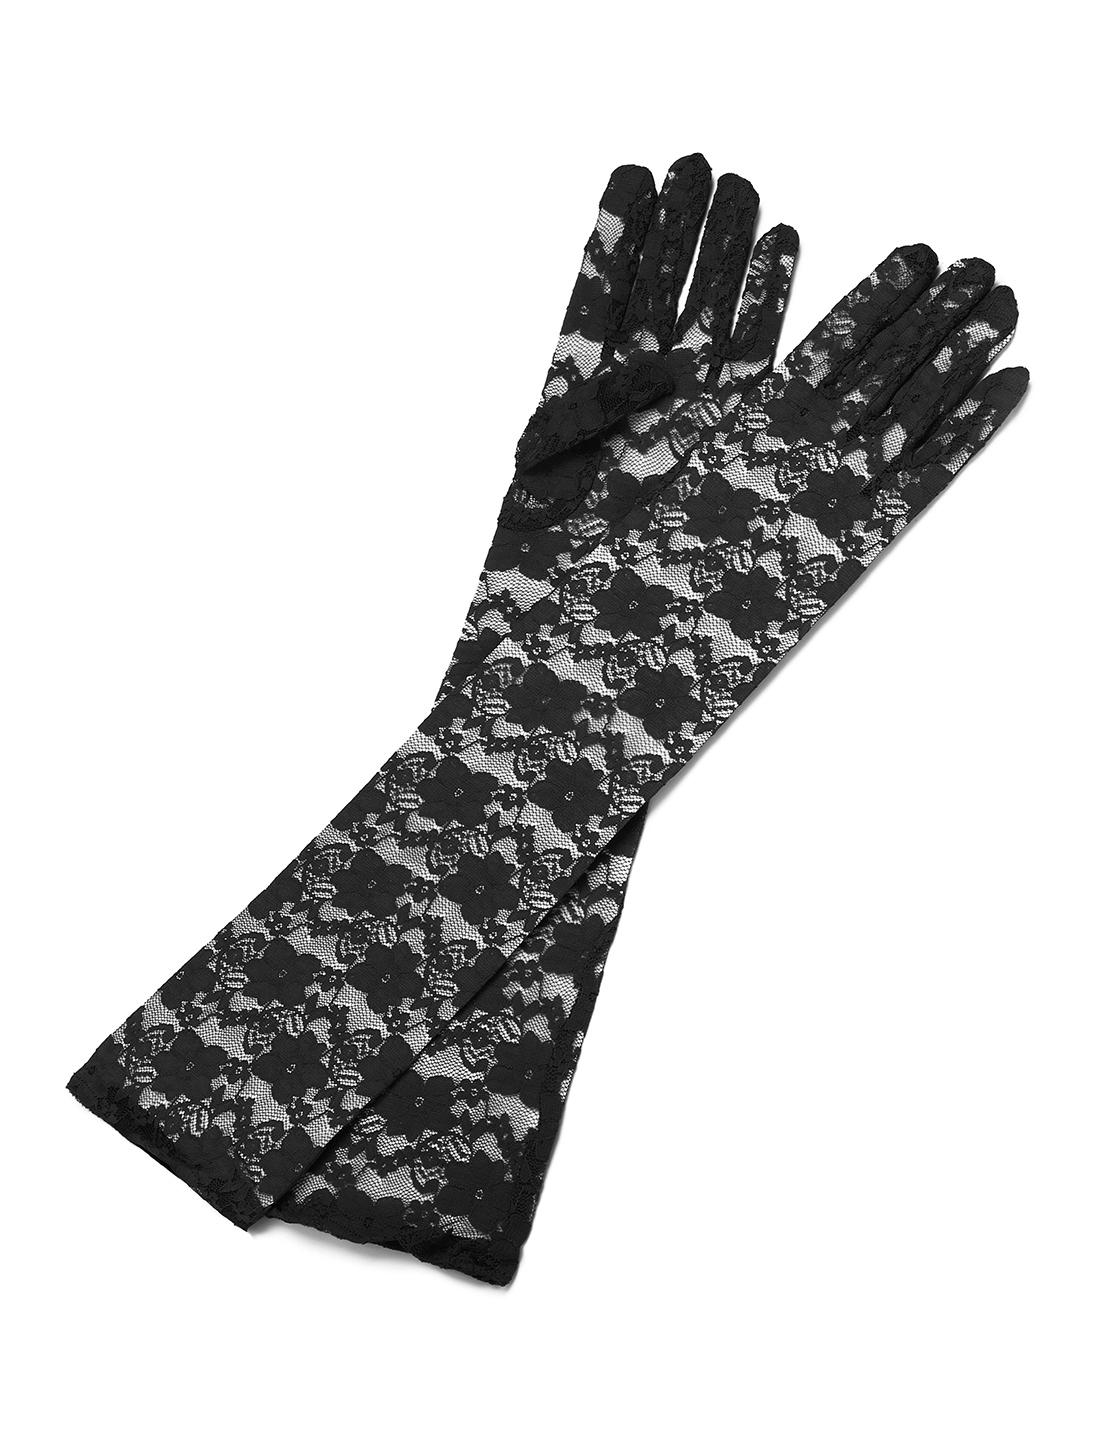 Women Opera Length Floral Lace Full Finger Gloves Pair Black